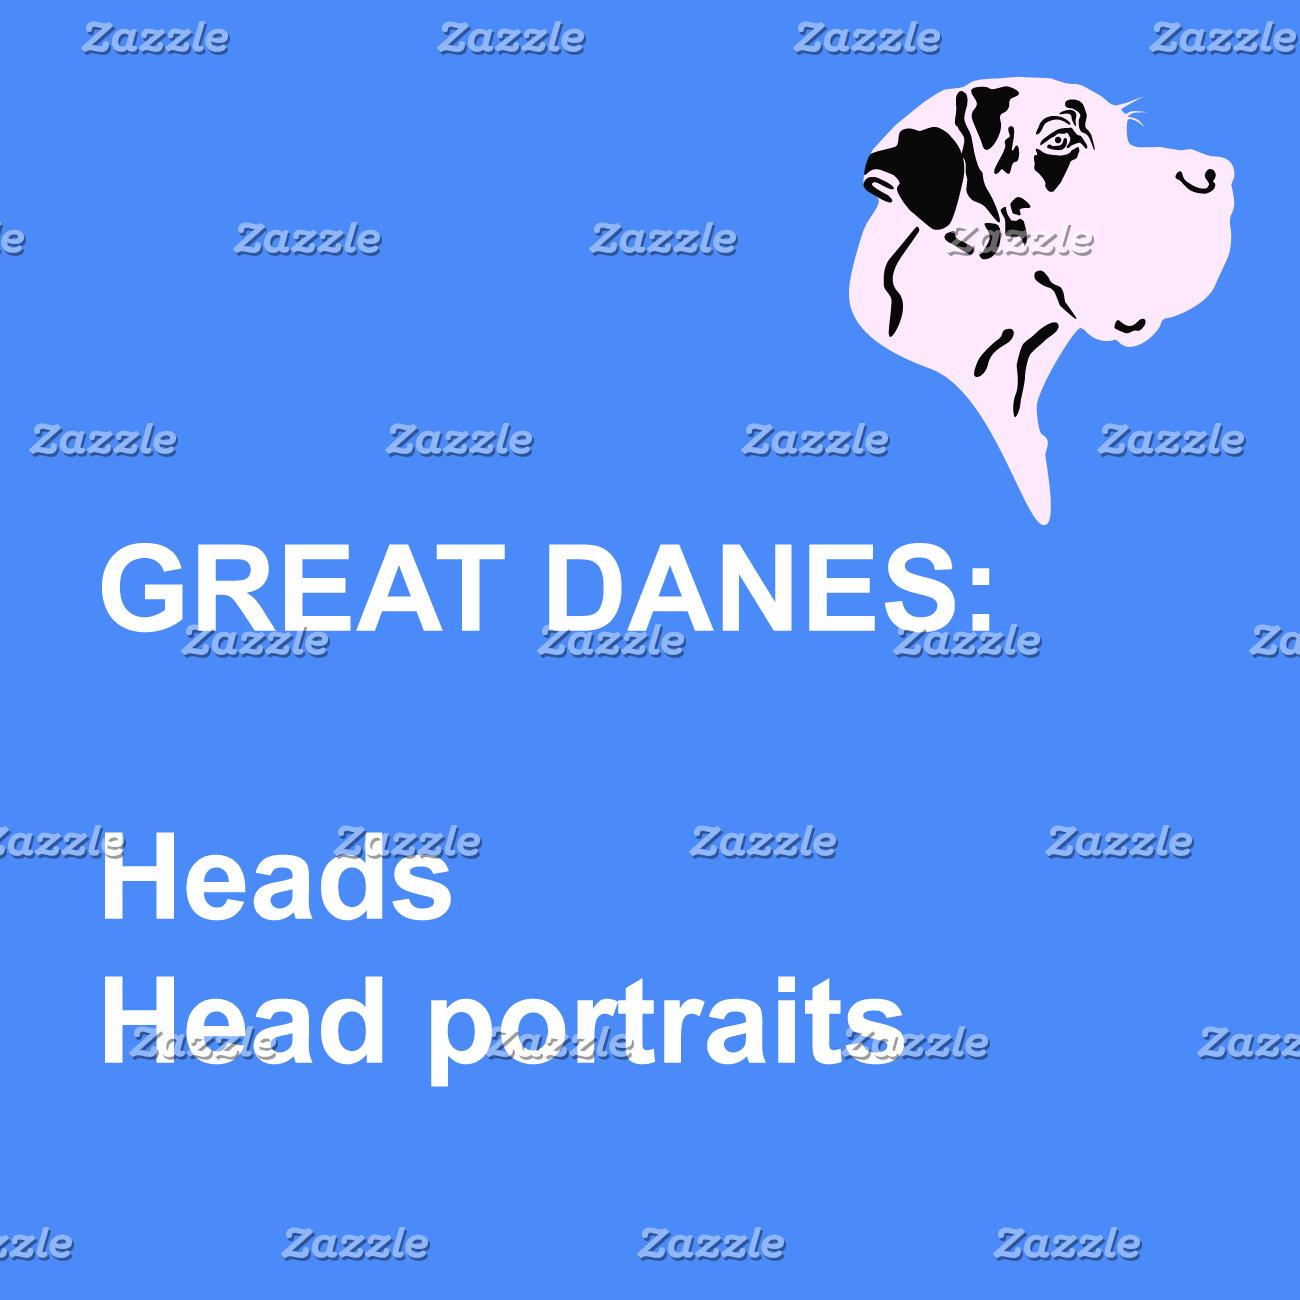 GD heads